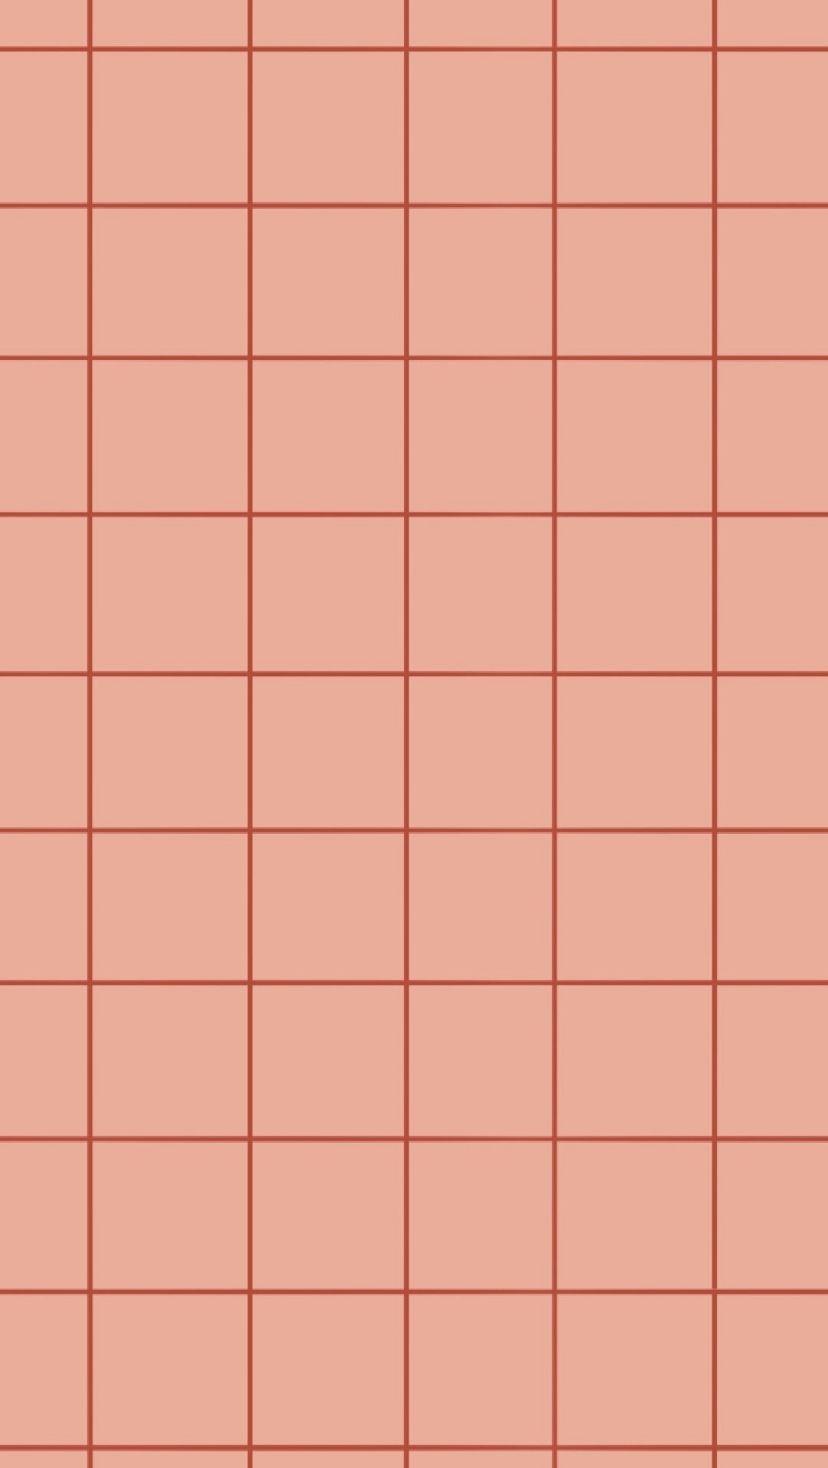 Digital Art Summer Vibes Iphone Wallpaper Iphone Wallpaper Grid Grid Wallpaper Aesthetic Grid Aesthetic light pink grid wallpaper